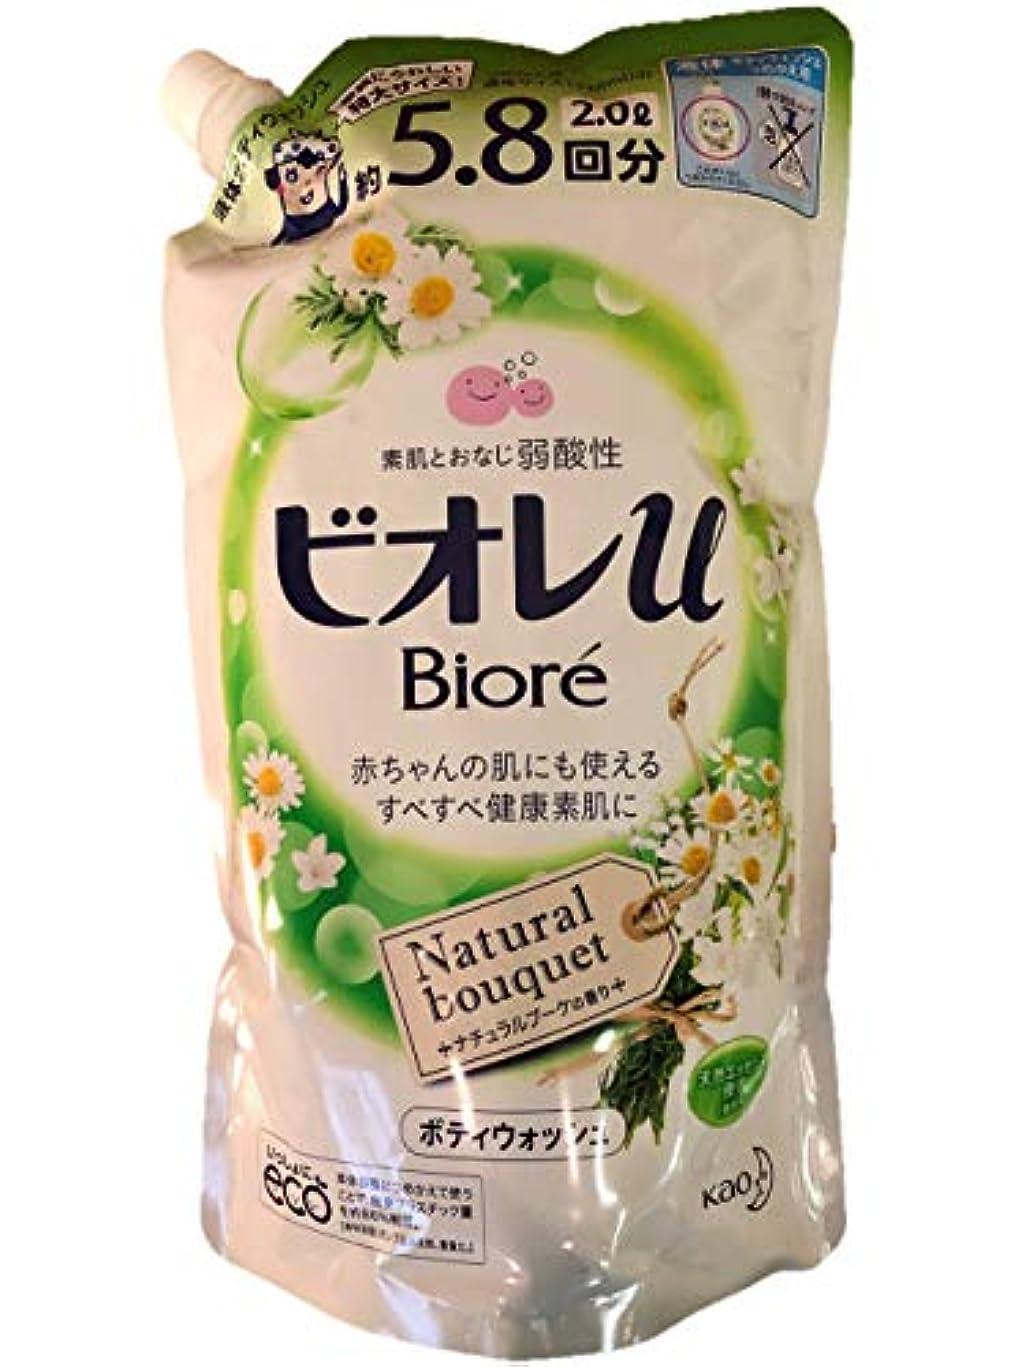 軽減する以降囲まれた【大容量】ビオレu 詰め替え用 ナチュラルブーケの香り 5.8回分 2L